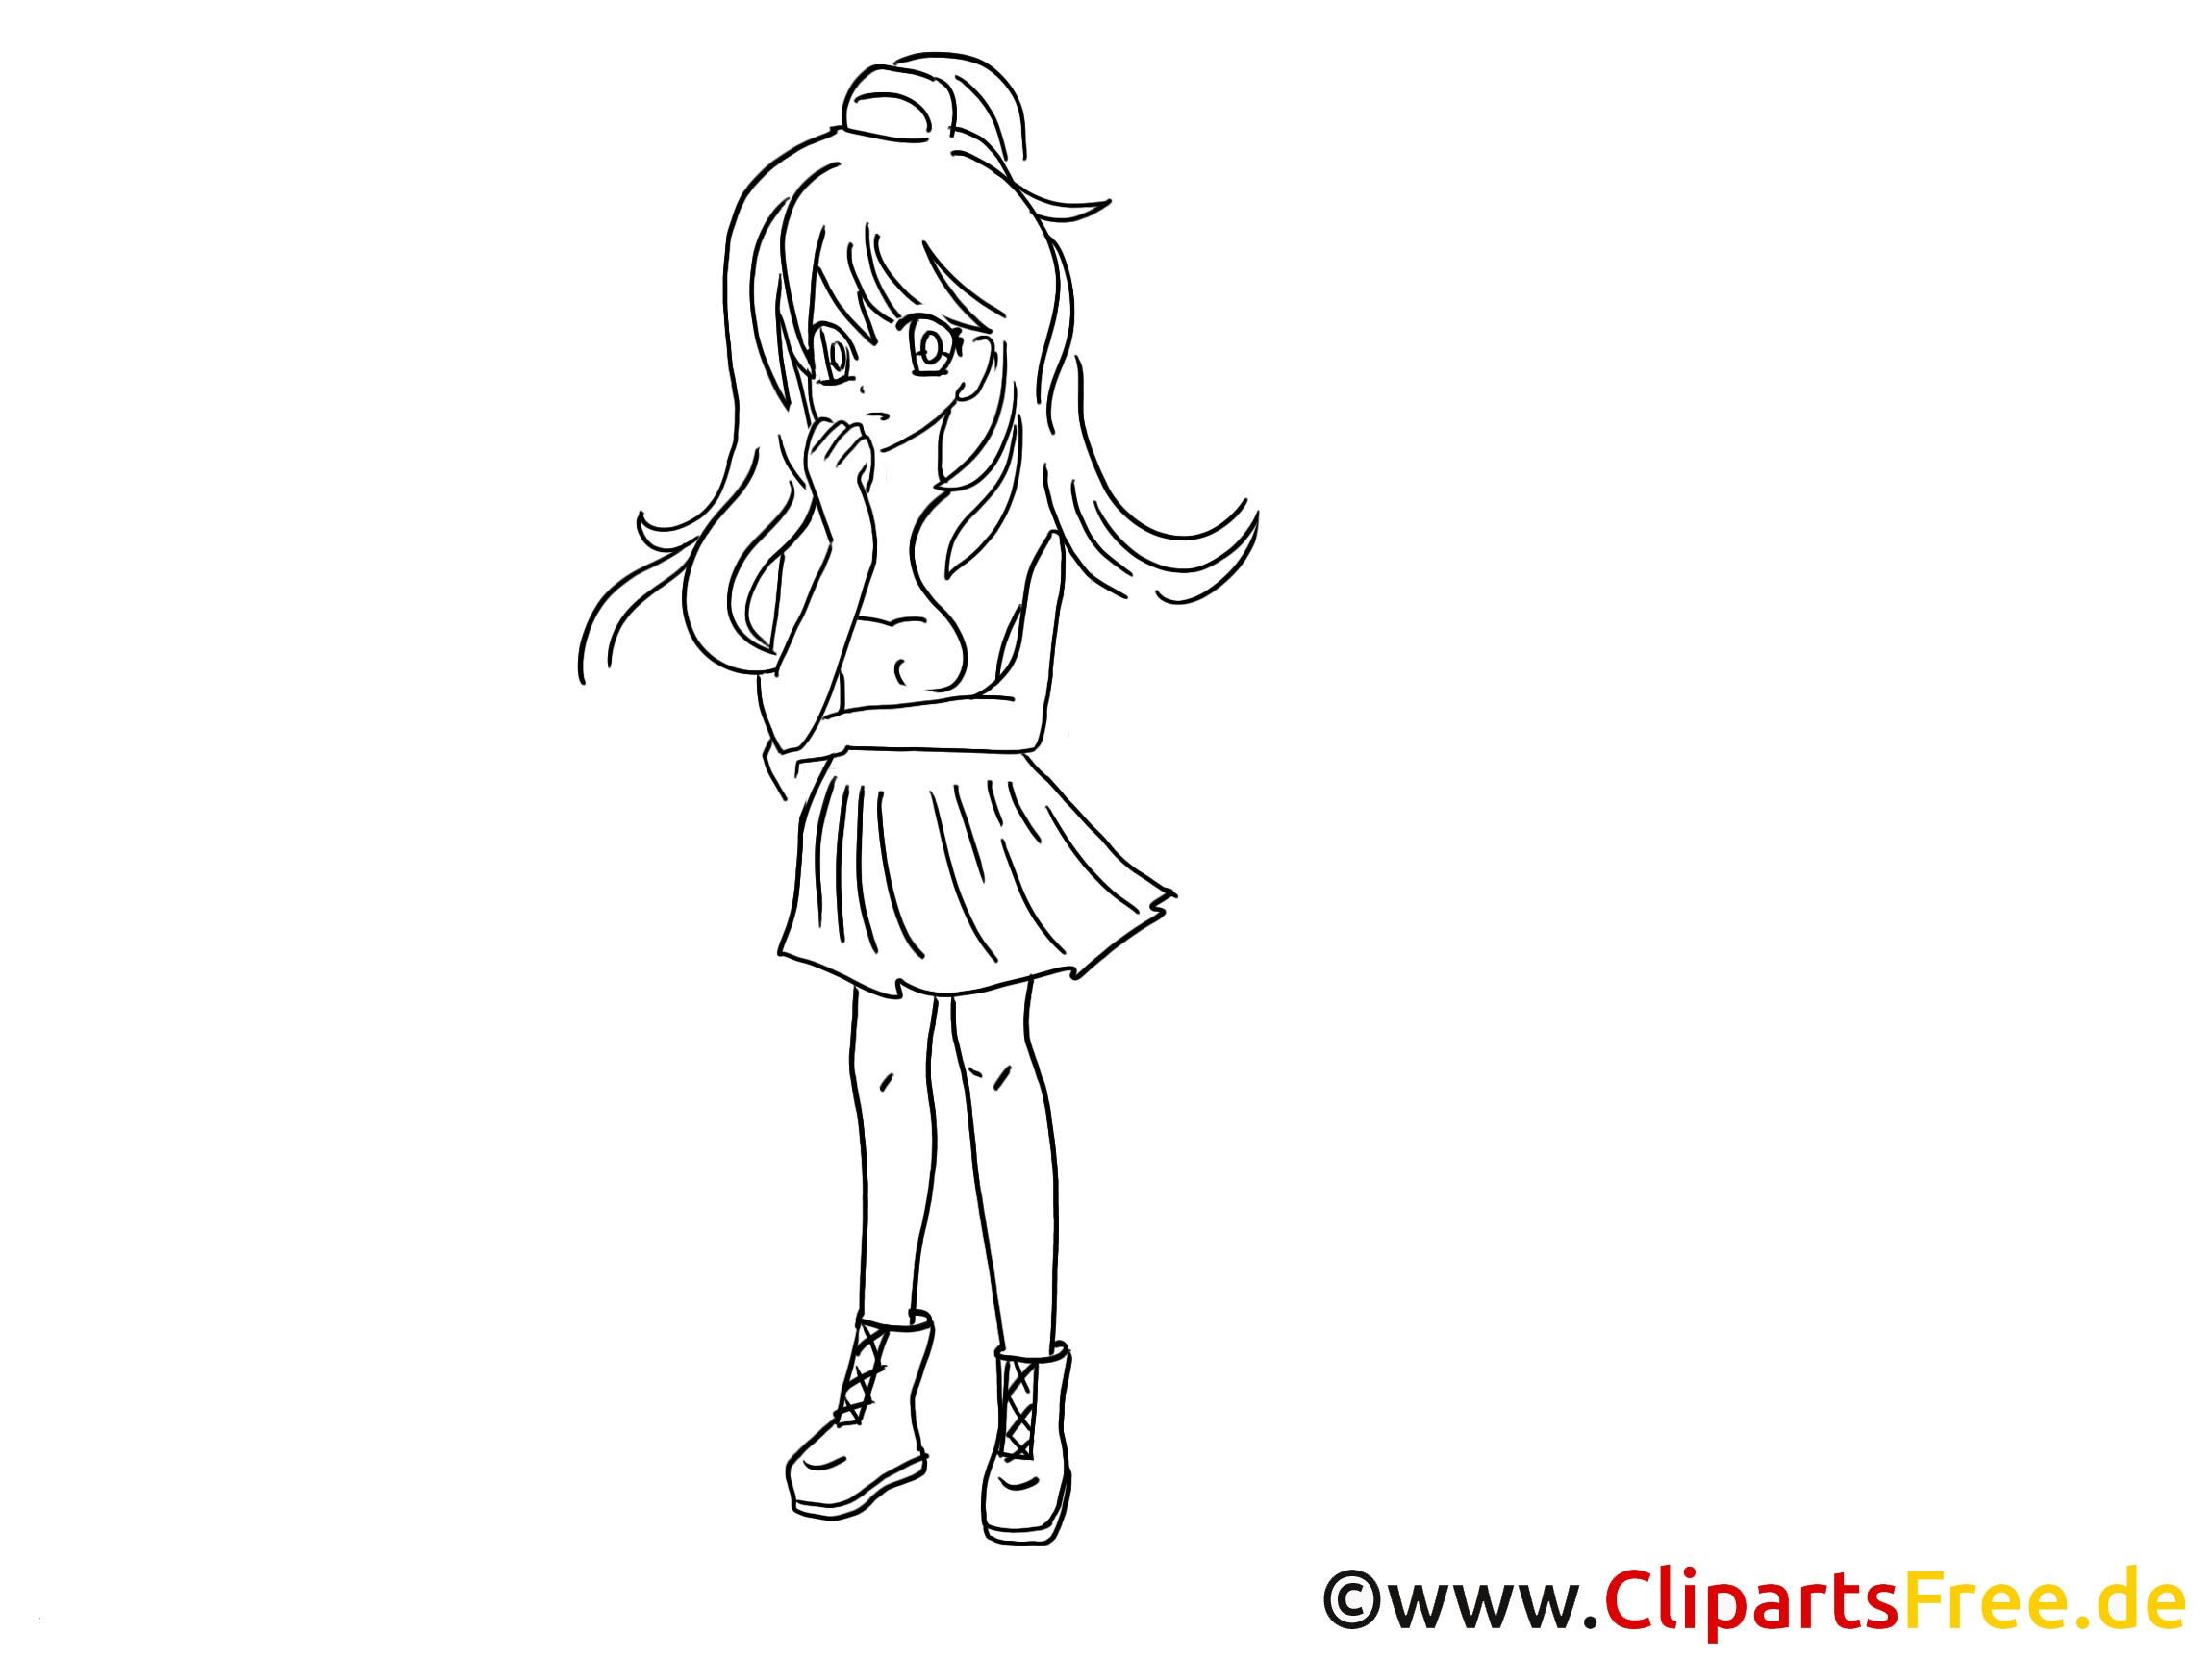 Anime Ausmalbilder Chibi Einzigartig Ausmalbilder Anime Und Manga Malvorlagen Kostenlos Zum Ausdrucken Stock